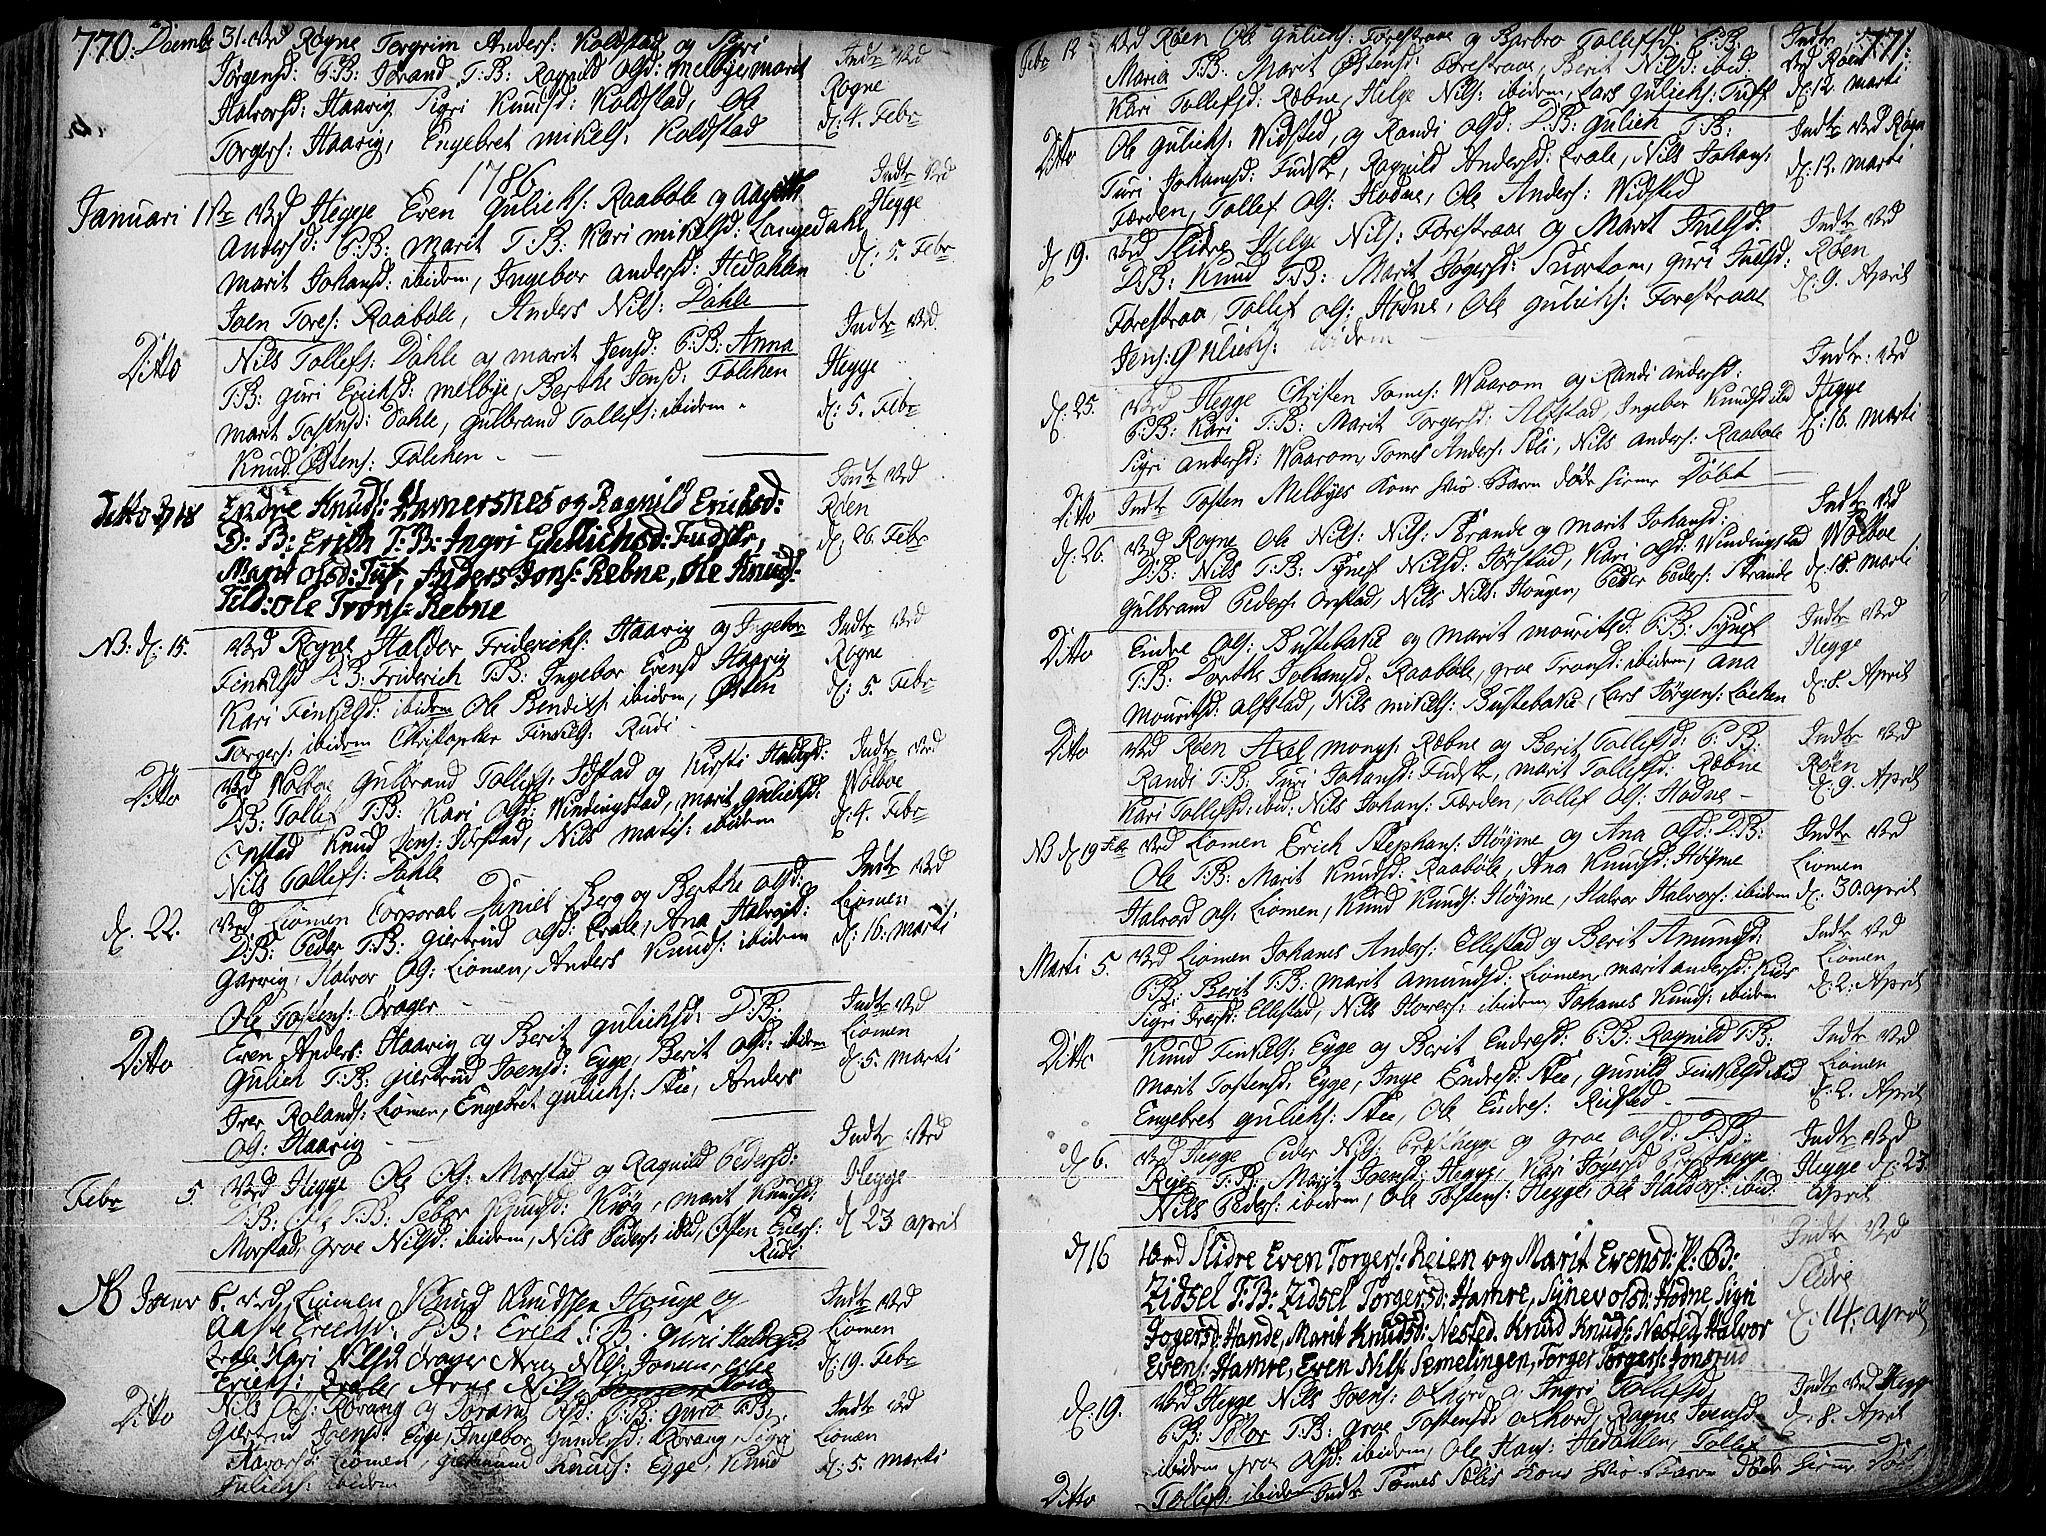 SAH, Slidre prestekontor, Ministerialbok nr. 1, 1724-1814, s. 770-771